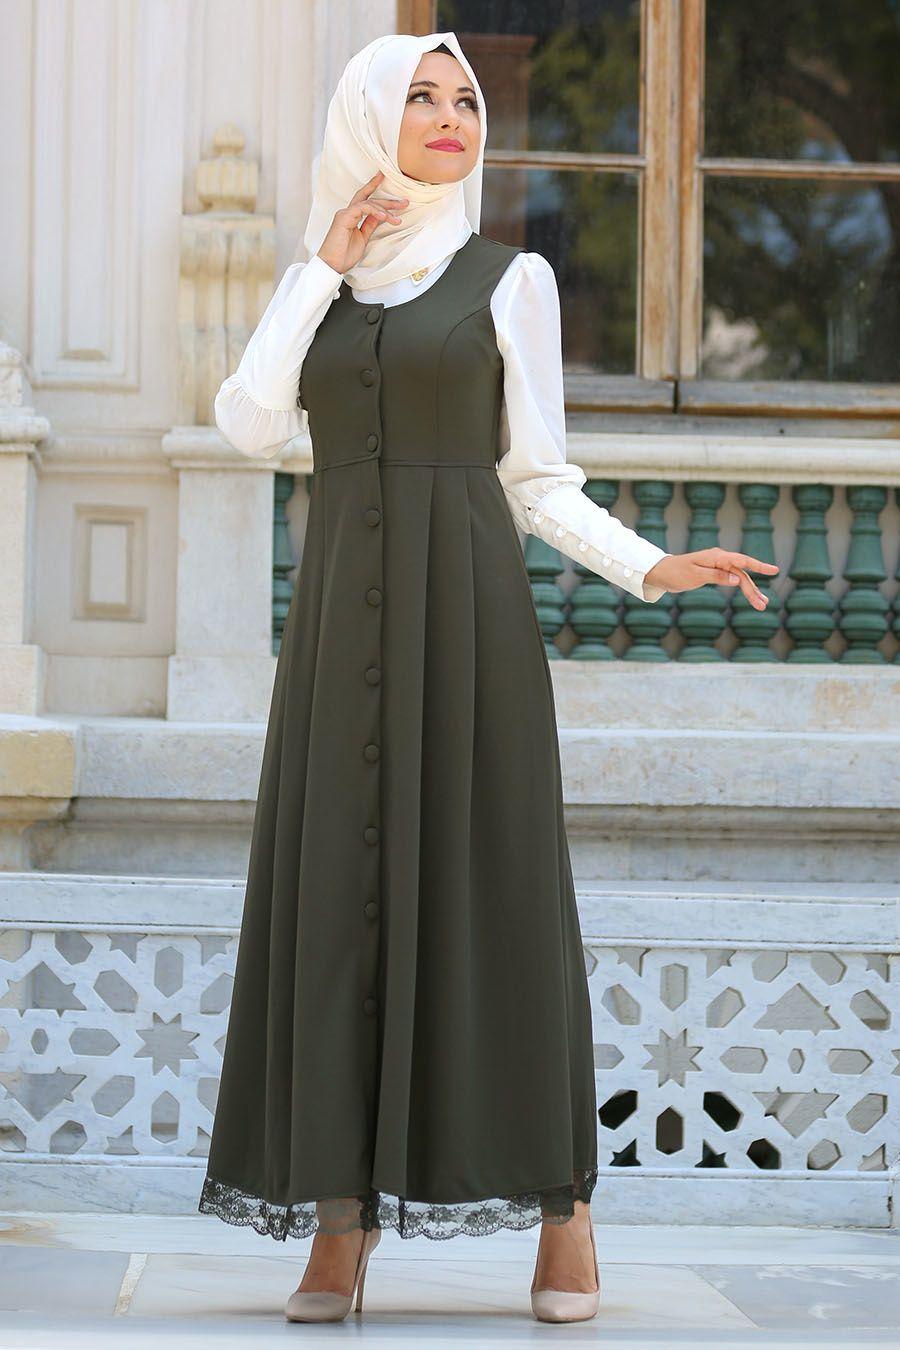 Etek Ucu Dantelli Tesettur Jile Elbise Modelleri Elbise Modelleri Elbise Moda Stilleri